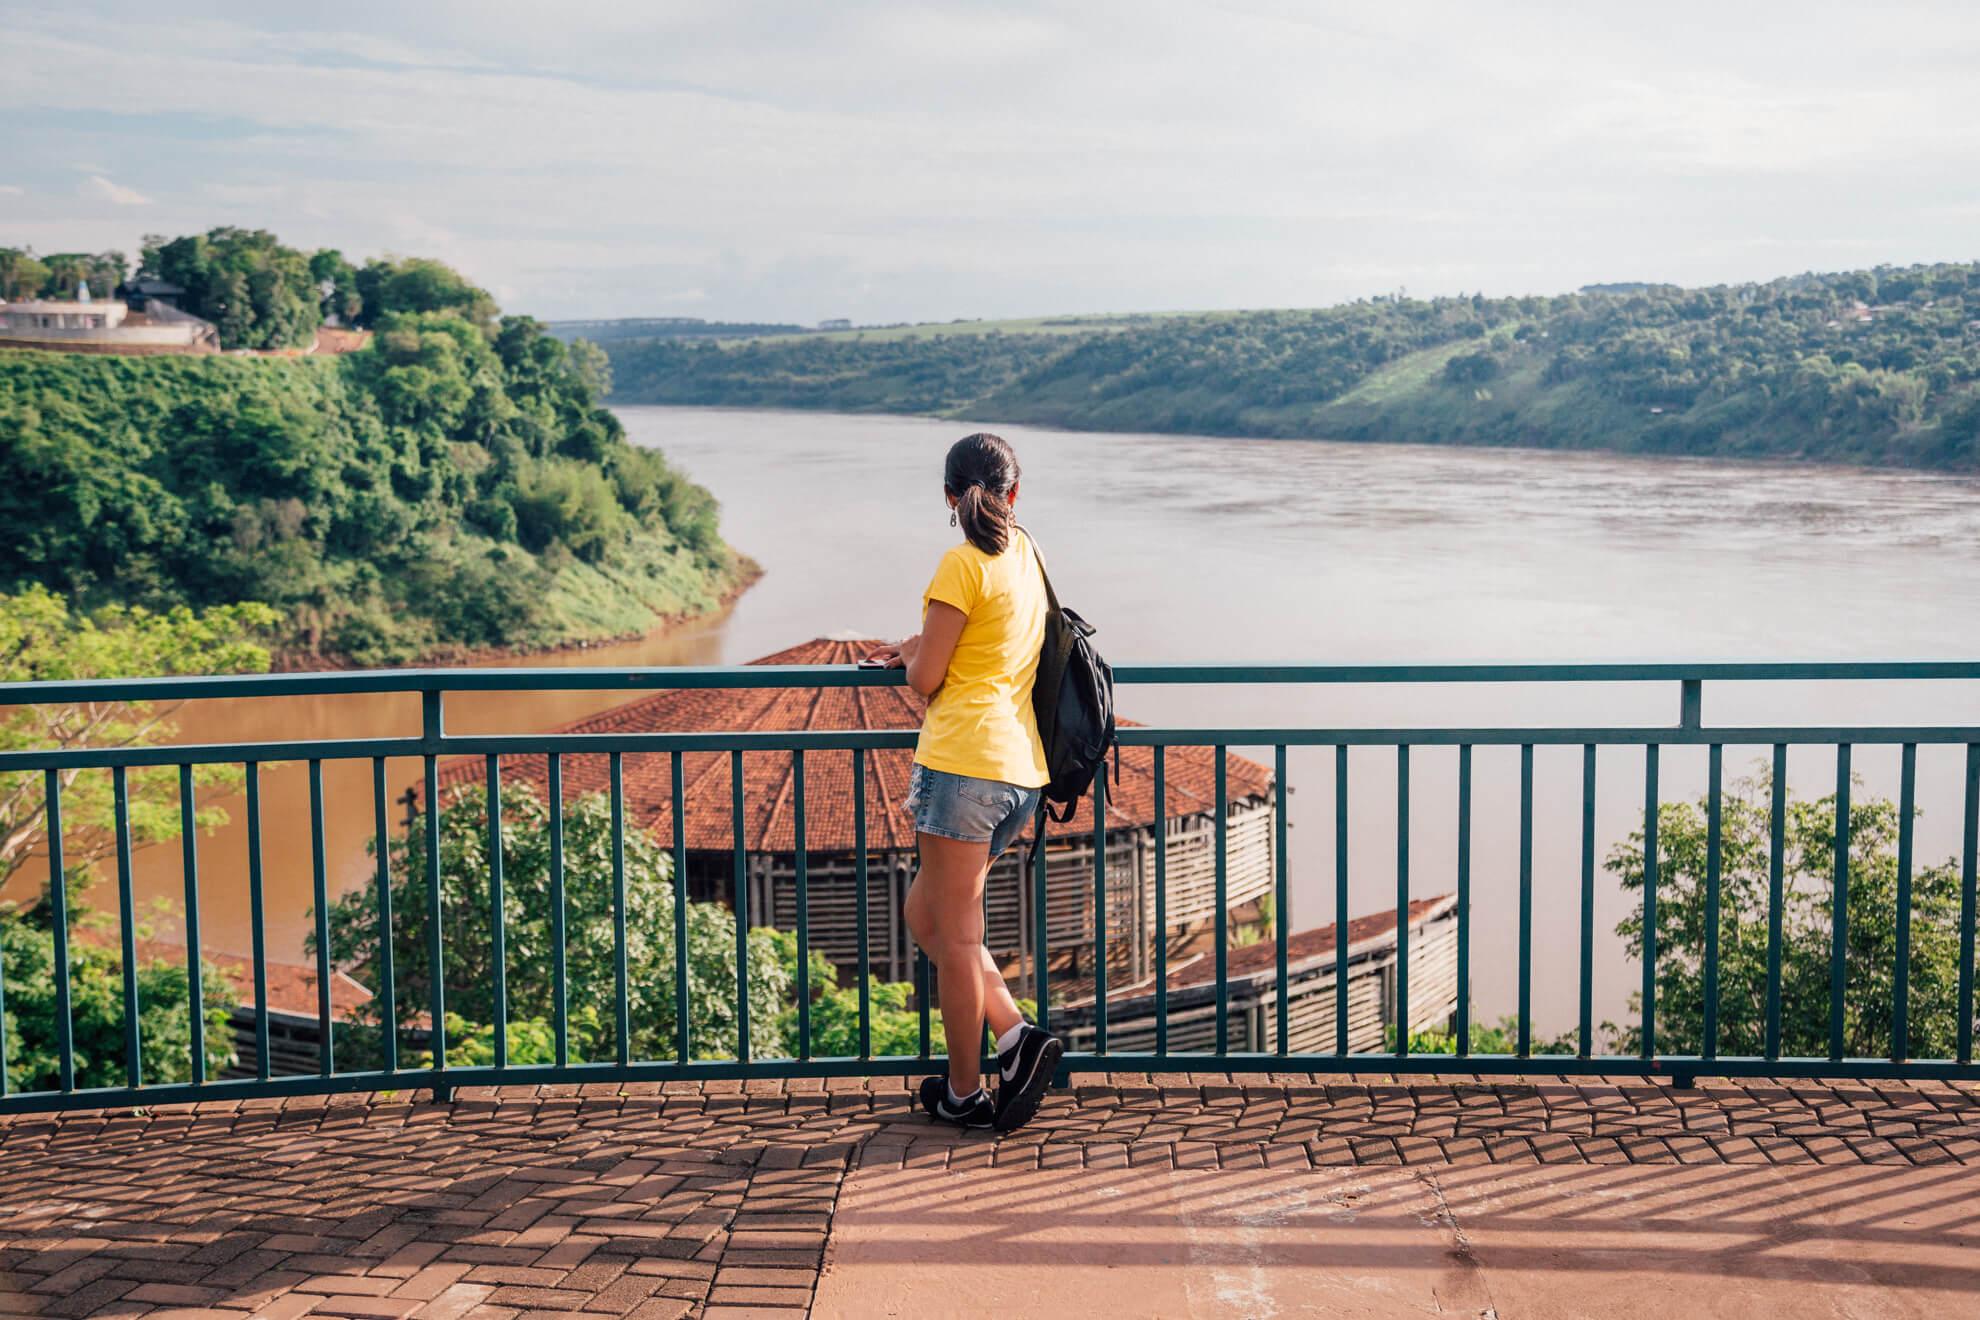 Vista do mirante. Argentina à esquerda do rio, e o Paraguai na margem direita.